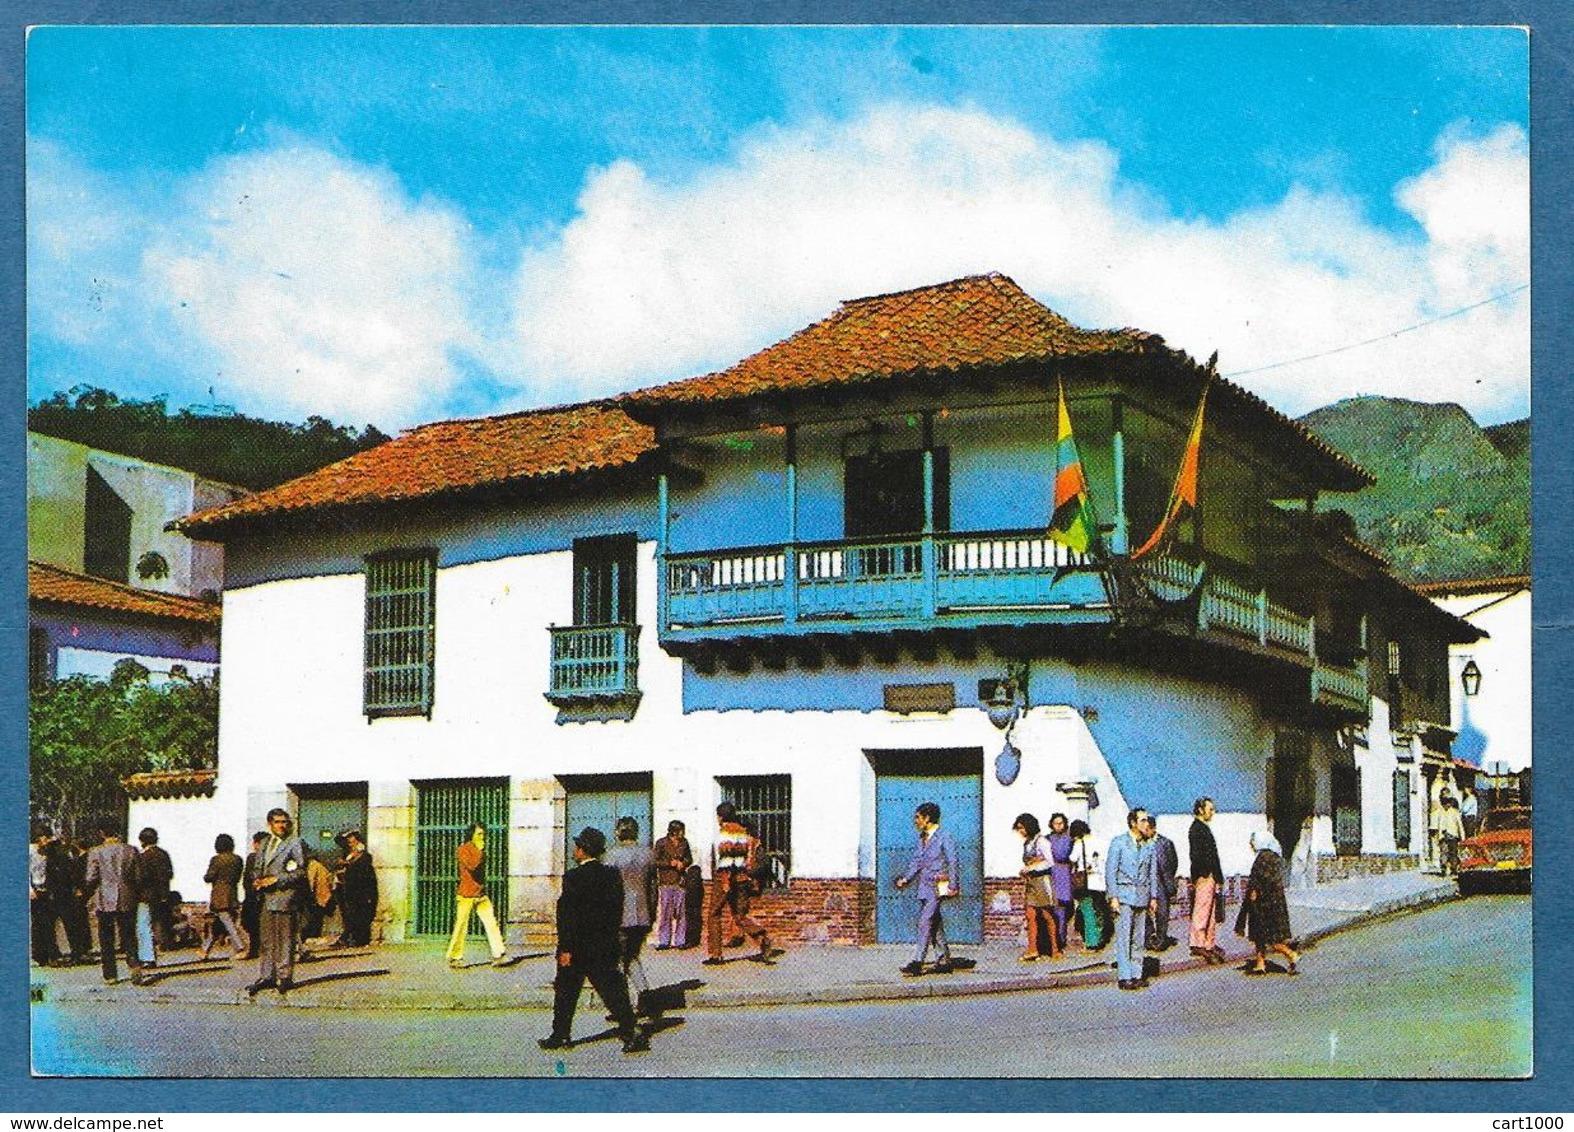 COLOMBIA BOGOTA' CASA MUSEO 20 DE JULIO DE 1810 UNUSED - Colombia